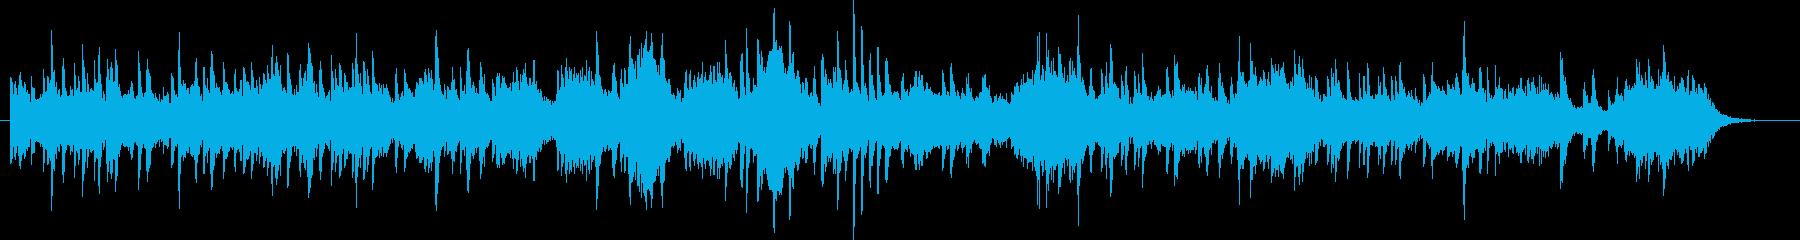 ピアノソロとSEの切ない曲の再生済みの波形